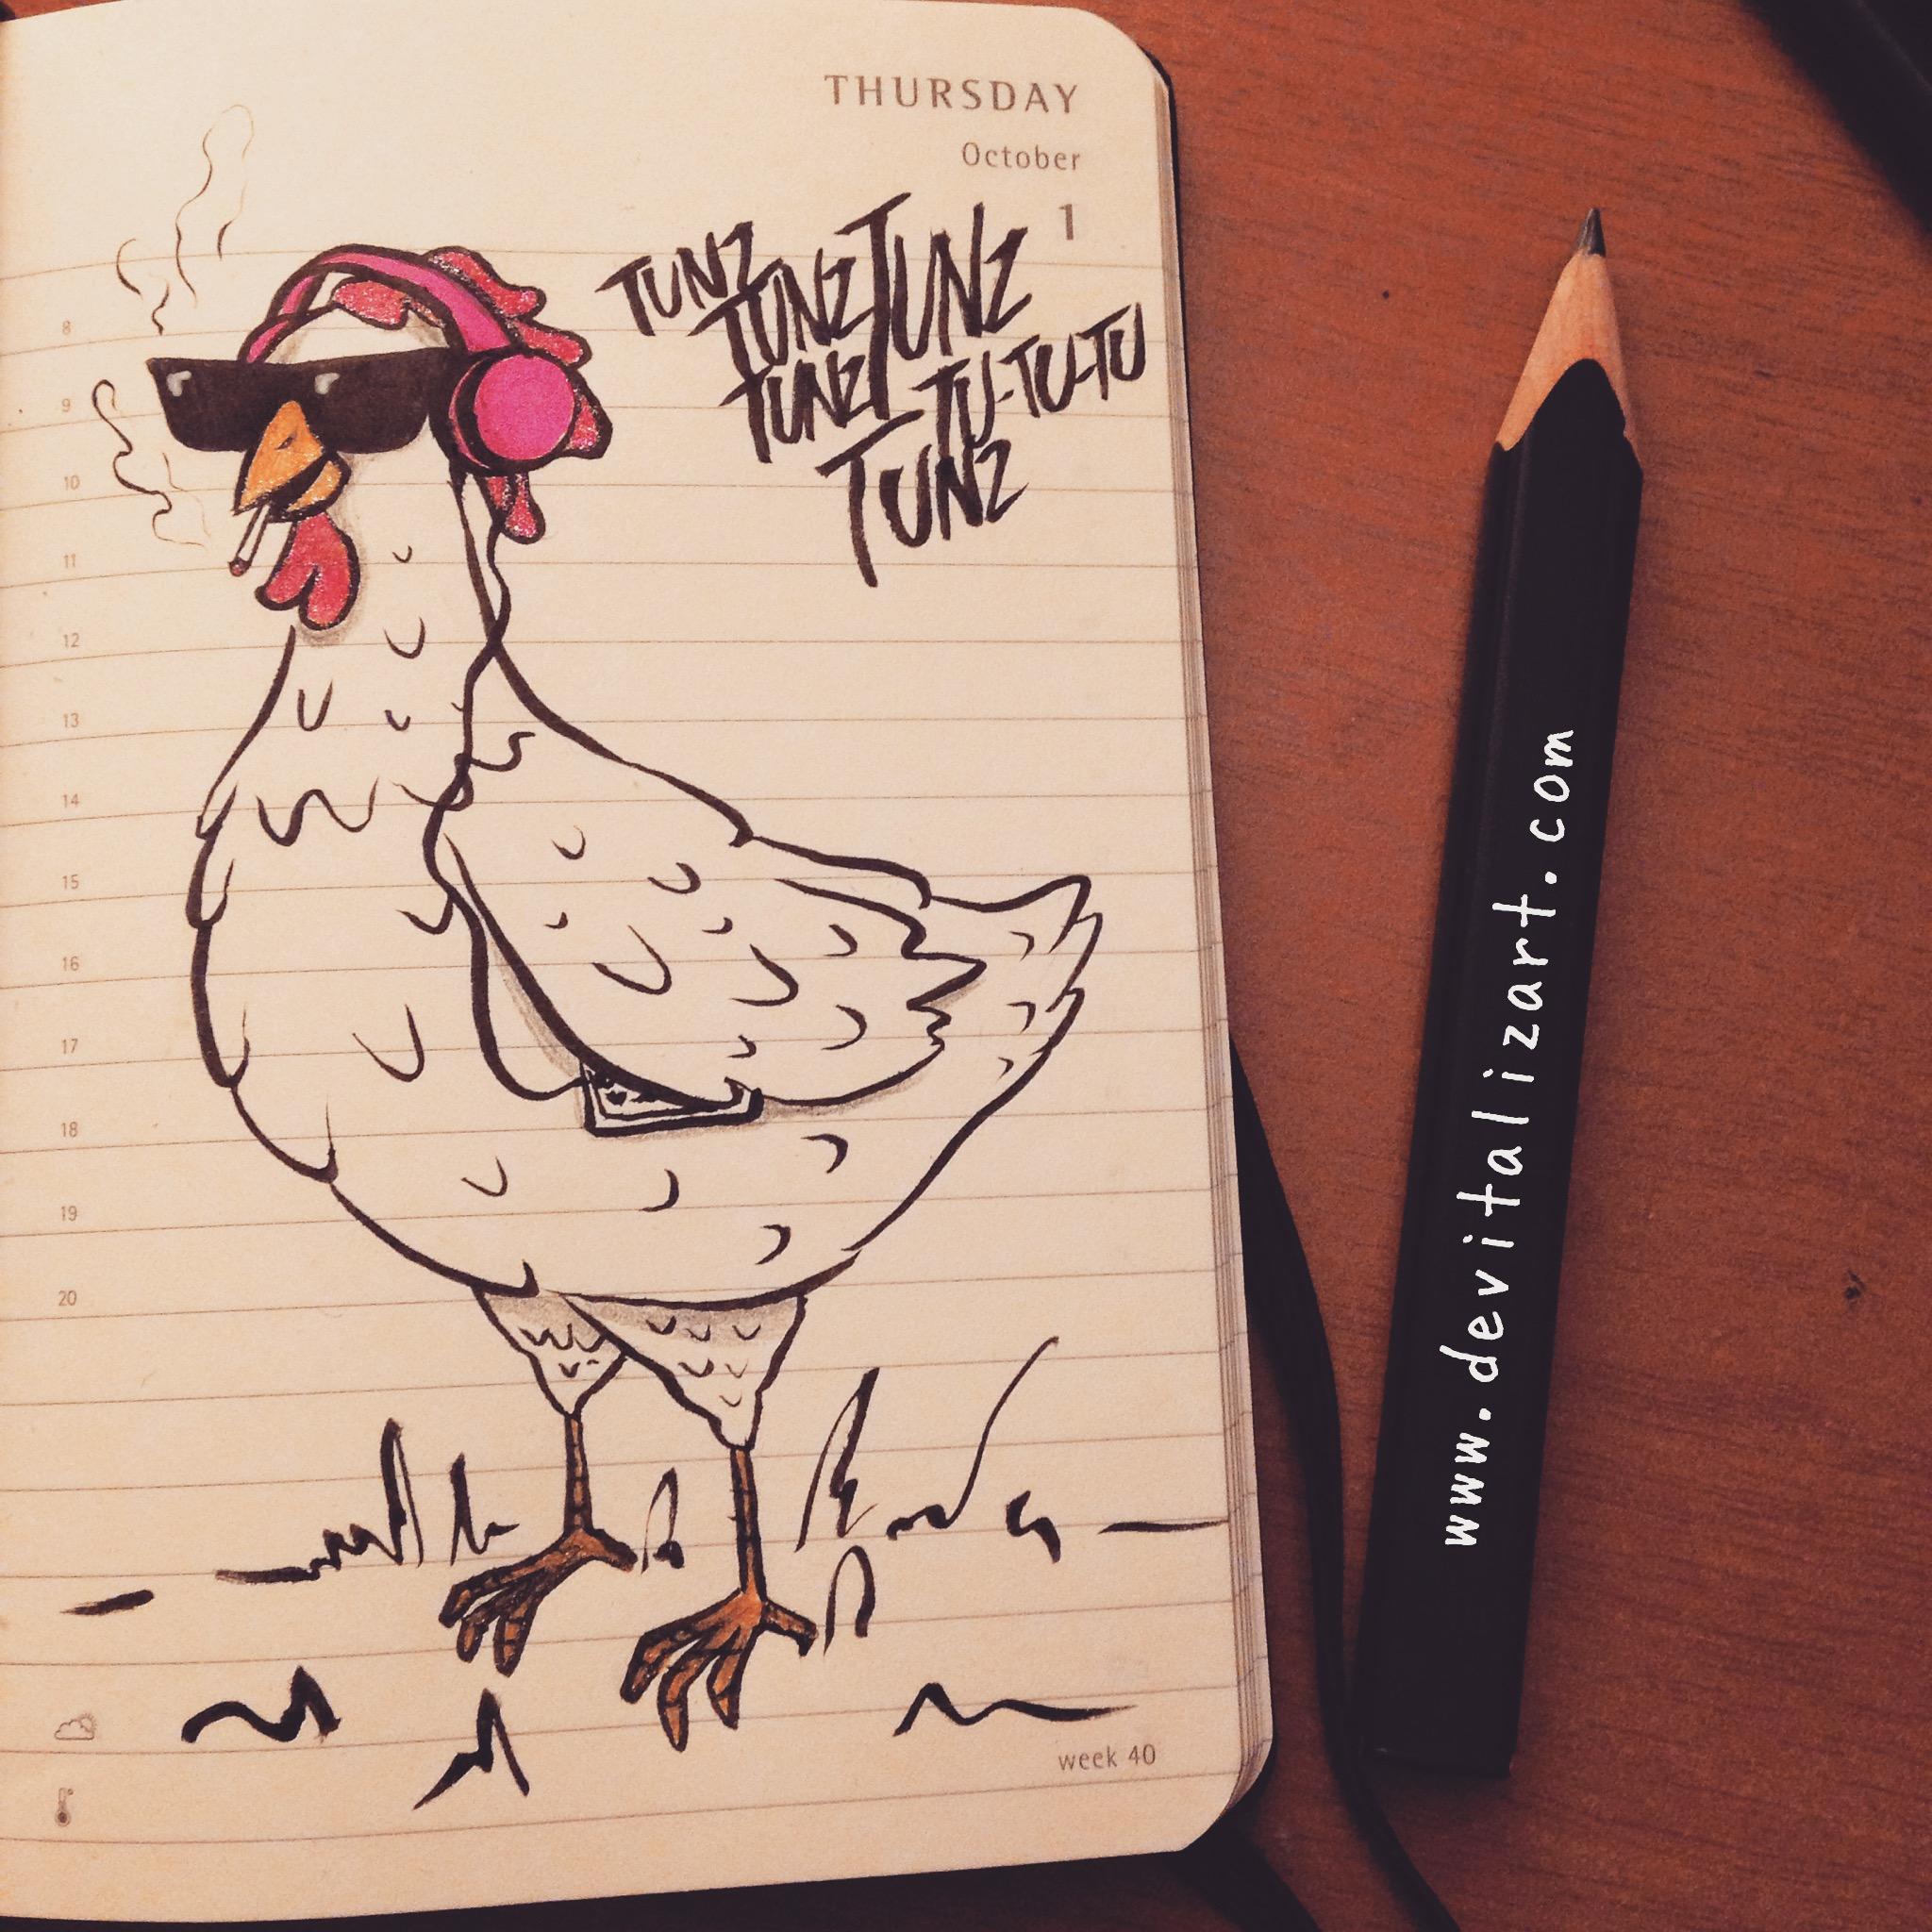 #inktober day 1   Ho sempre pensato che in fondo le galline di campagna, quelle che possono scorrazzare liberamente in giro, fanno una bella vita. Ecco, ora come ora vorrei essere una gallina. (Non che ci manchi molto.)